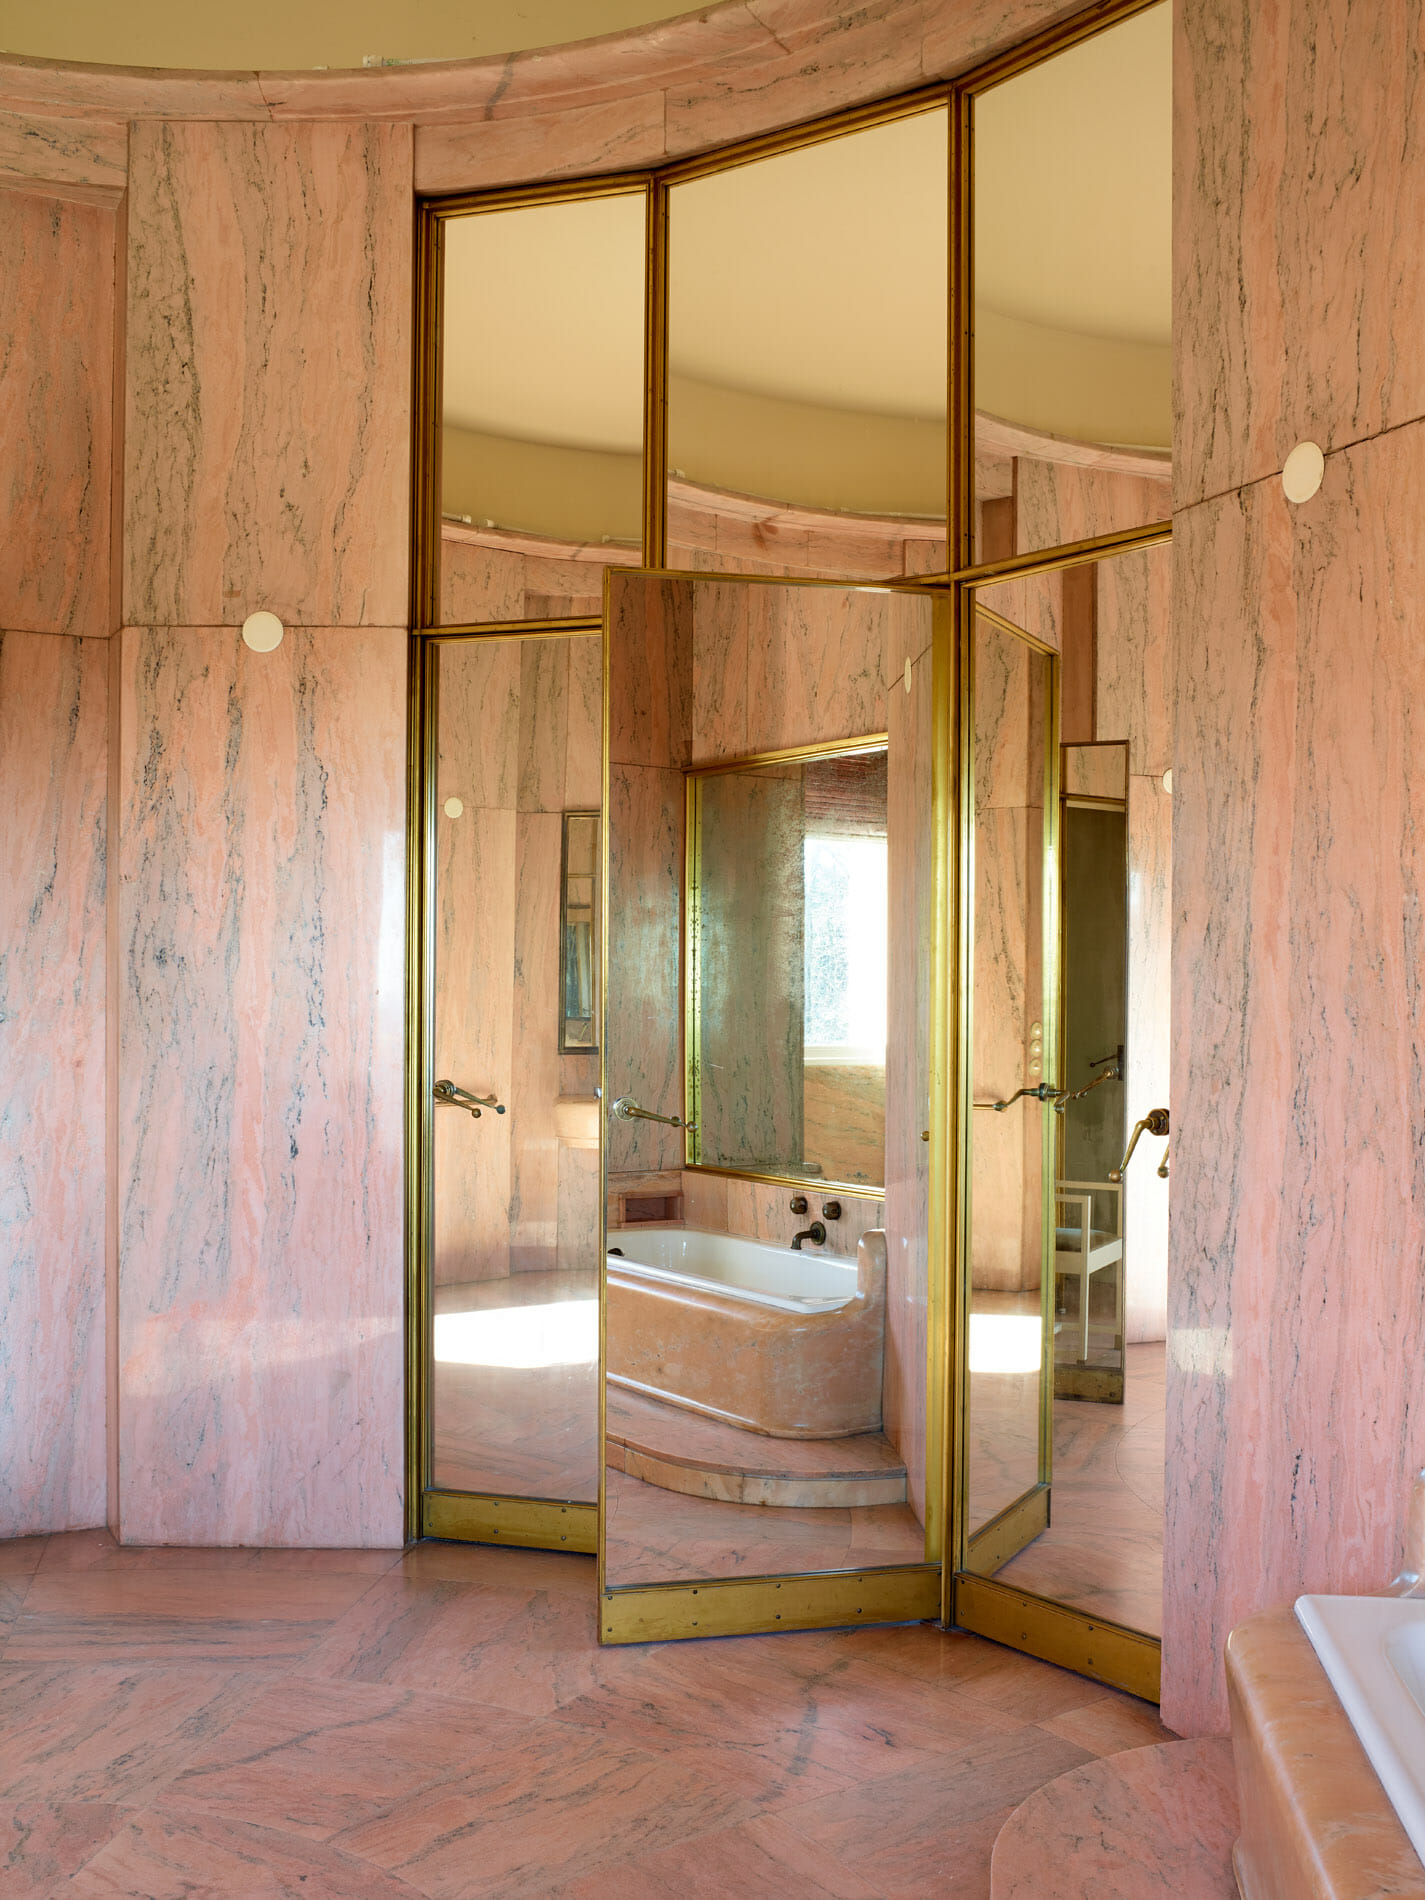 rachael-smith-interiors-14122019-093-1